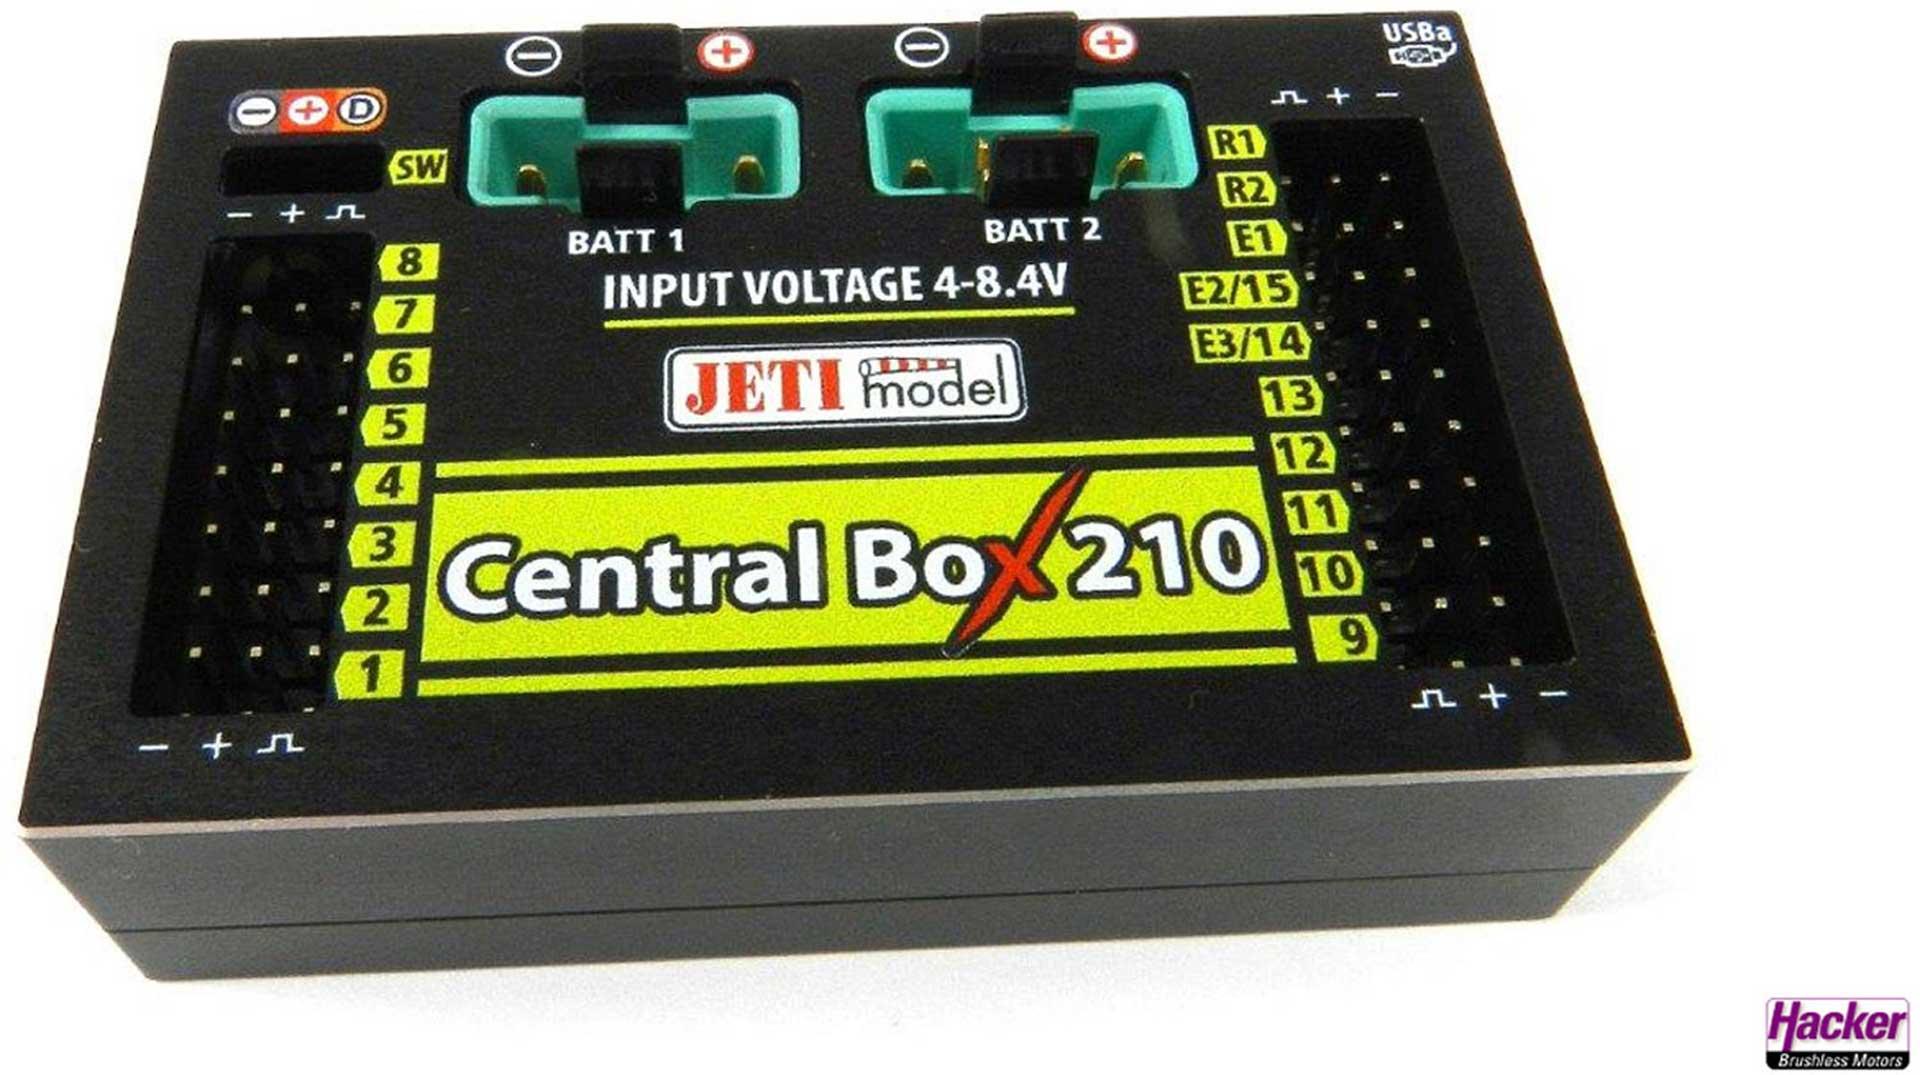 JETI DUPLEX 2.4EX CENTRAL BOX 210